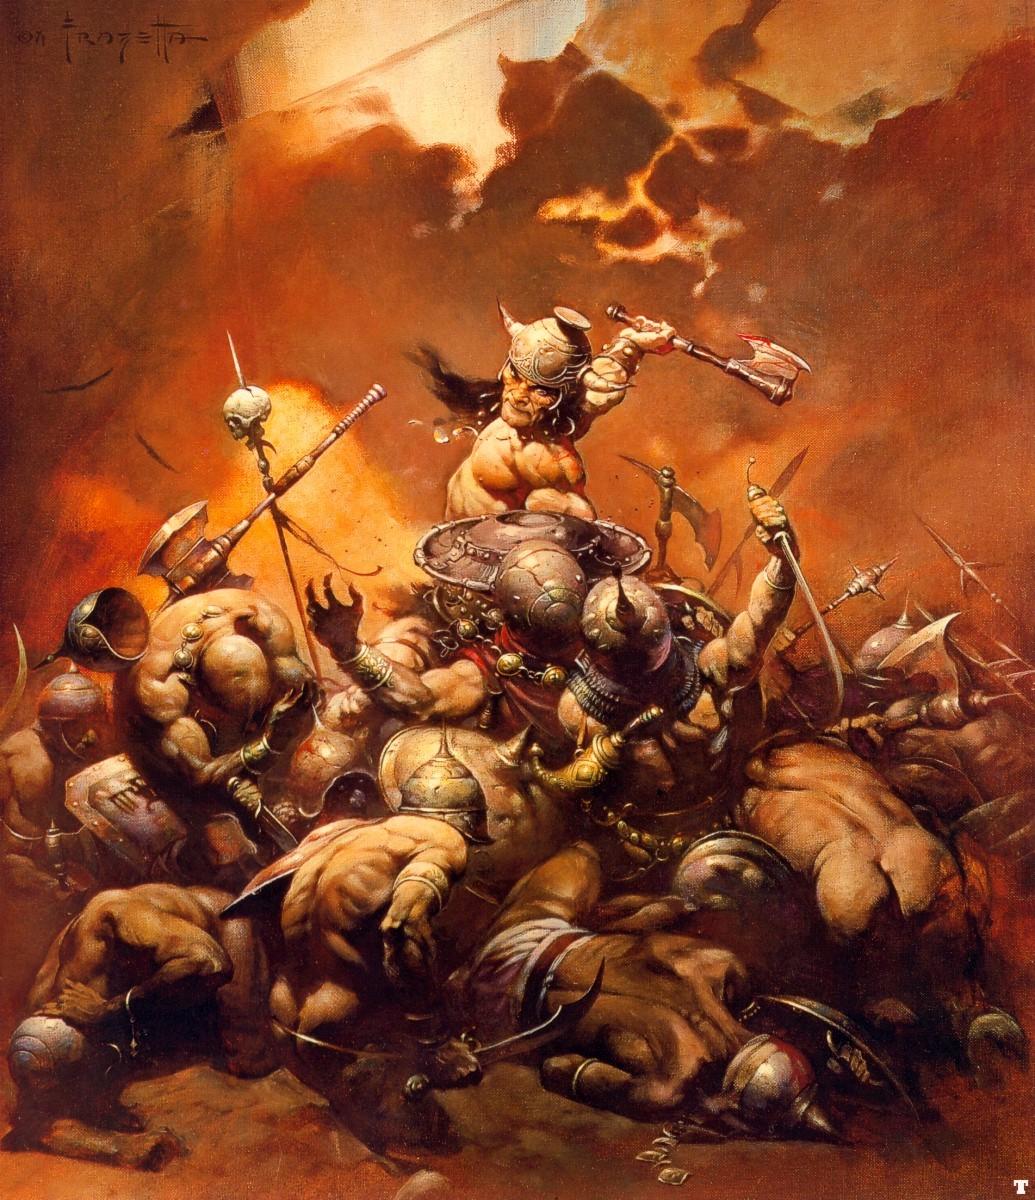 FrankFrazetta-Conan-the-Destroyer-1971.jpg